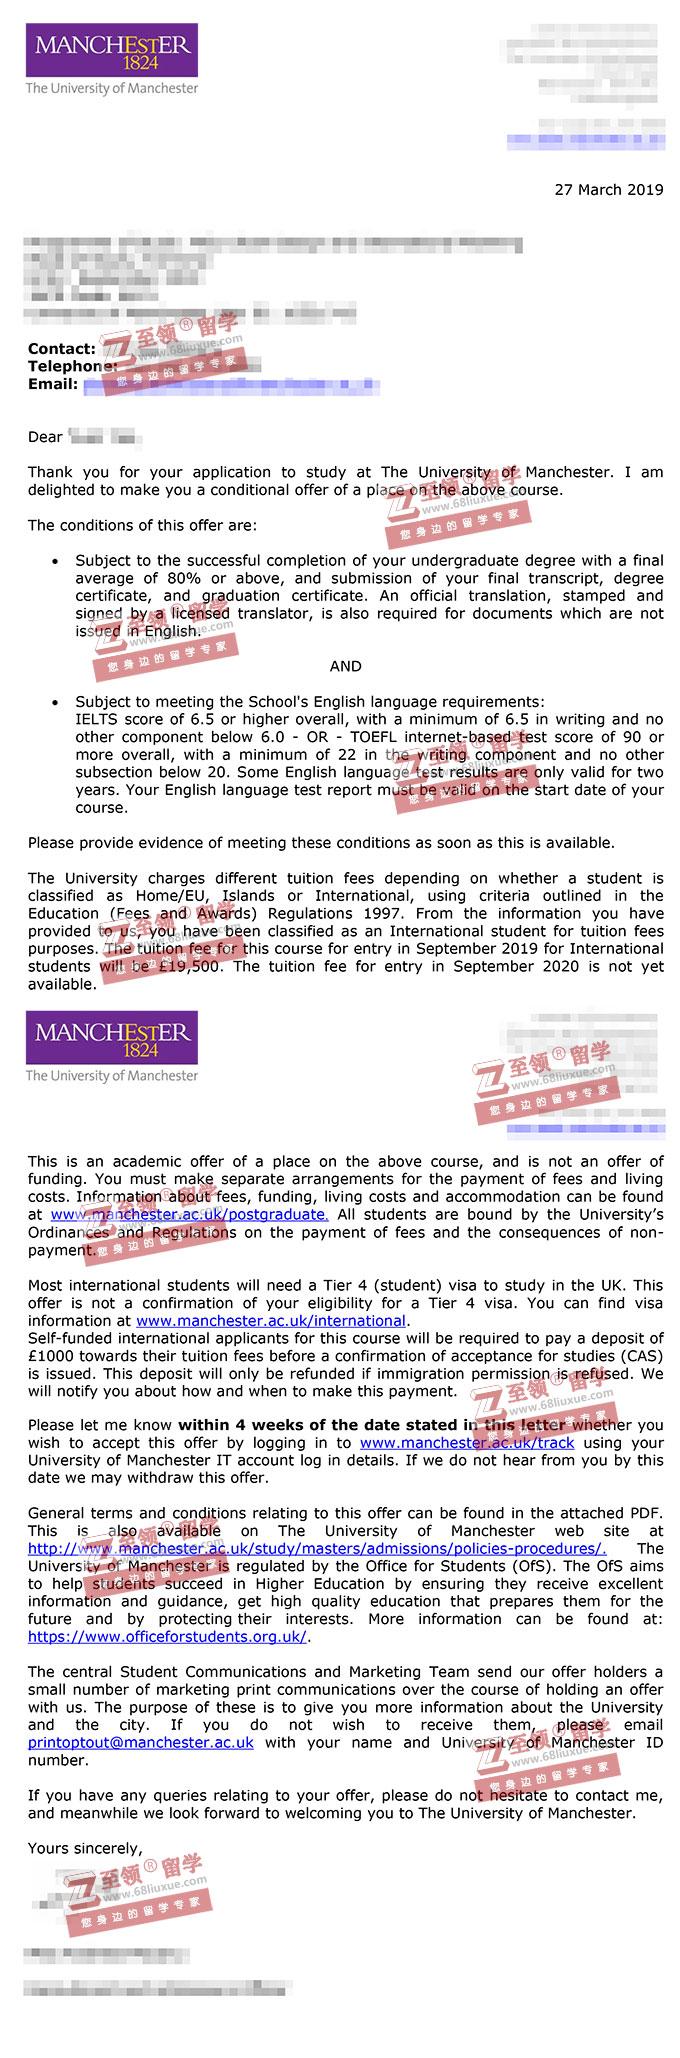 英国曼彻斯特大学城市规划硕士录取